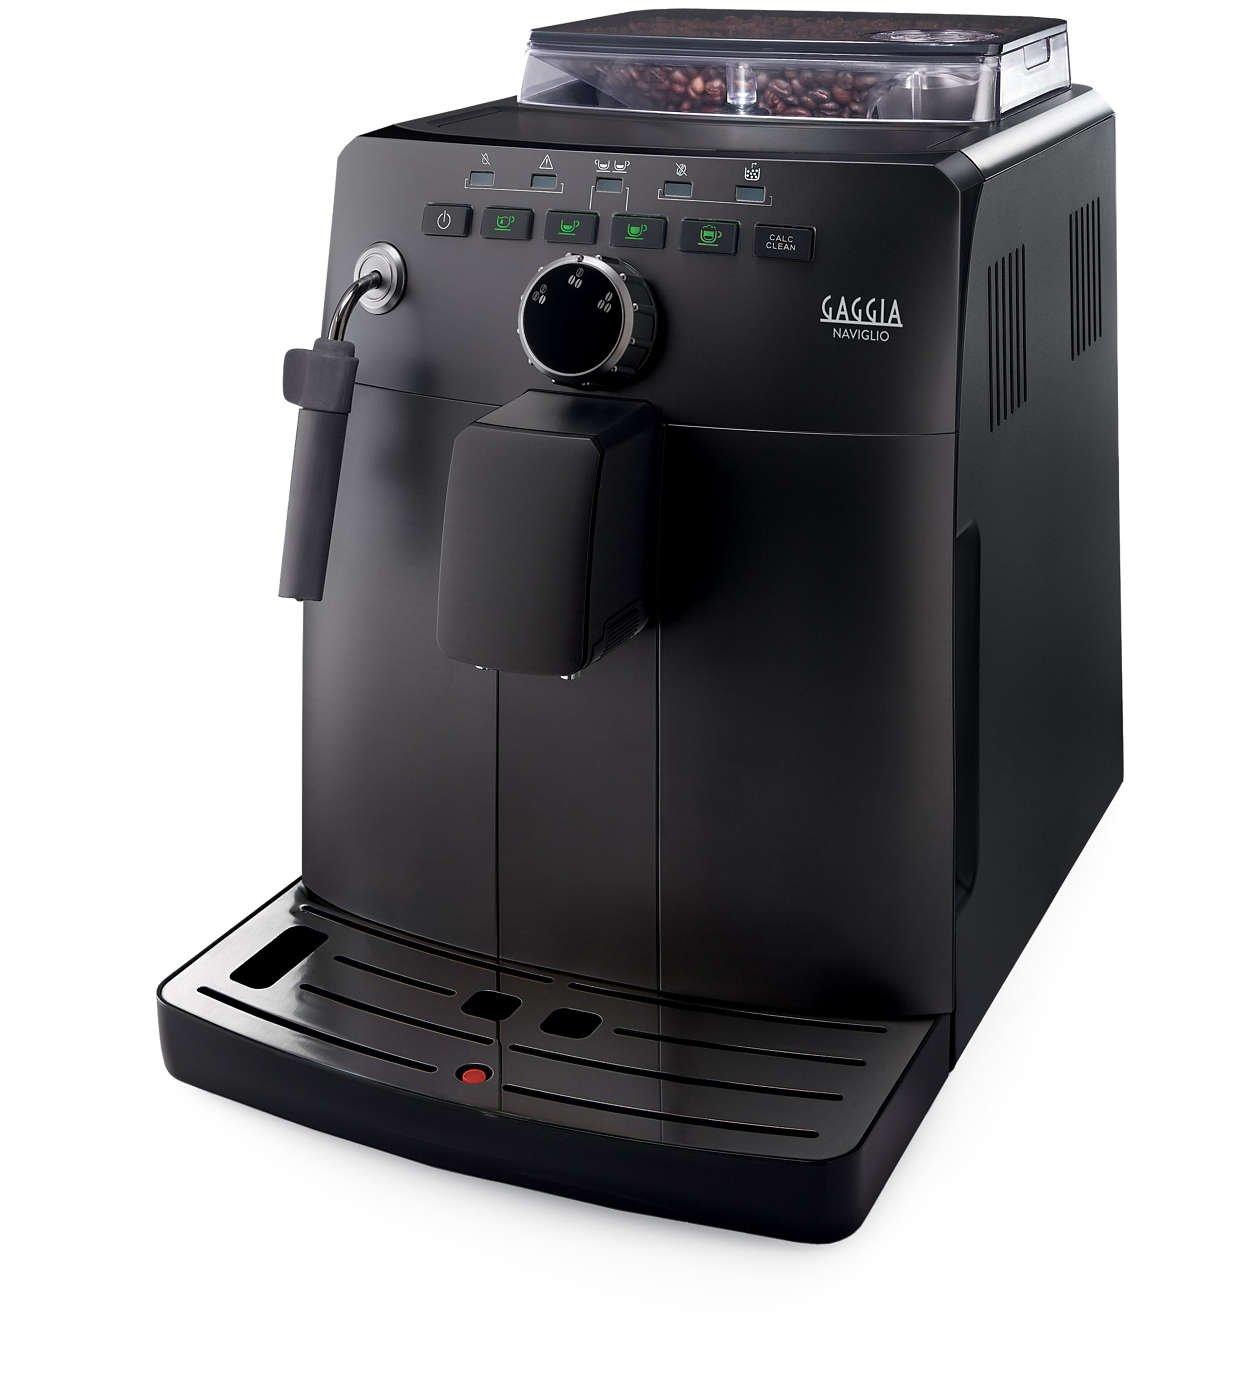 Machine à Café Automatique Gaggia HD8749/01 Naviglio Black